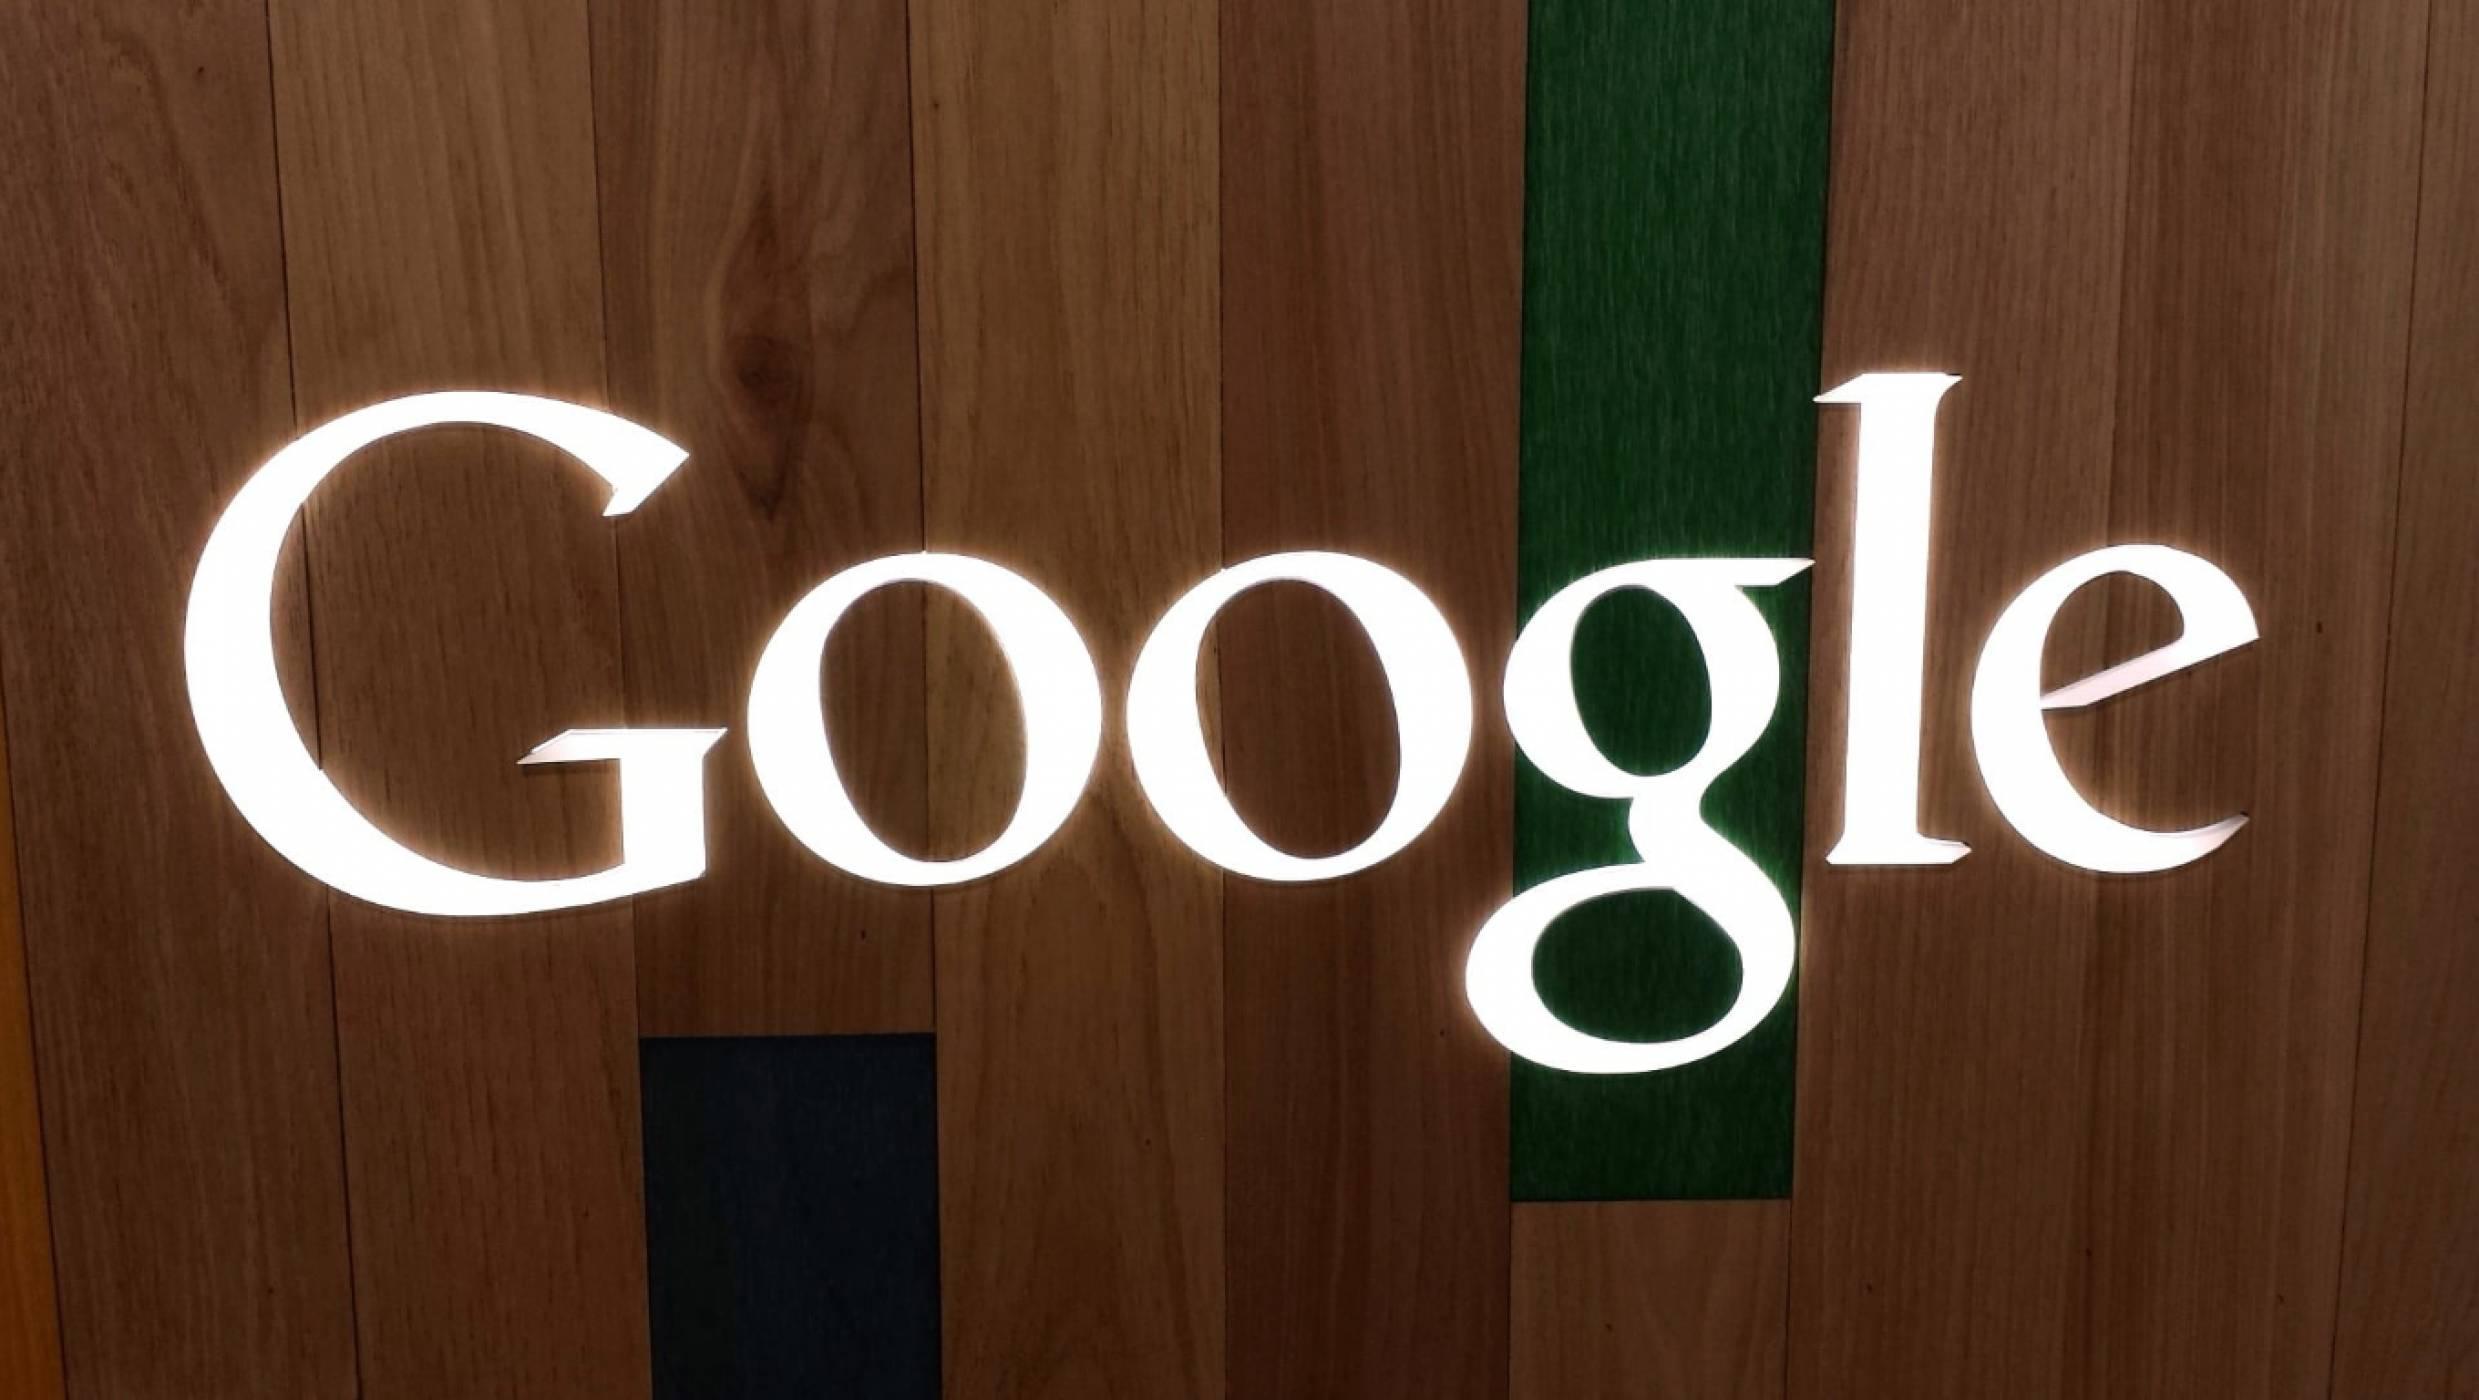 Въздействащо видео на Google ни показва трудния път към нормалното (ВИДЕО)